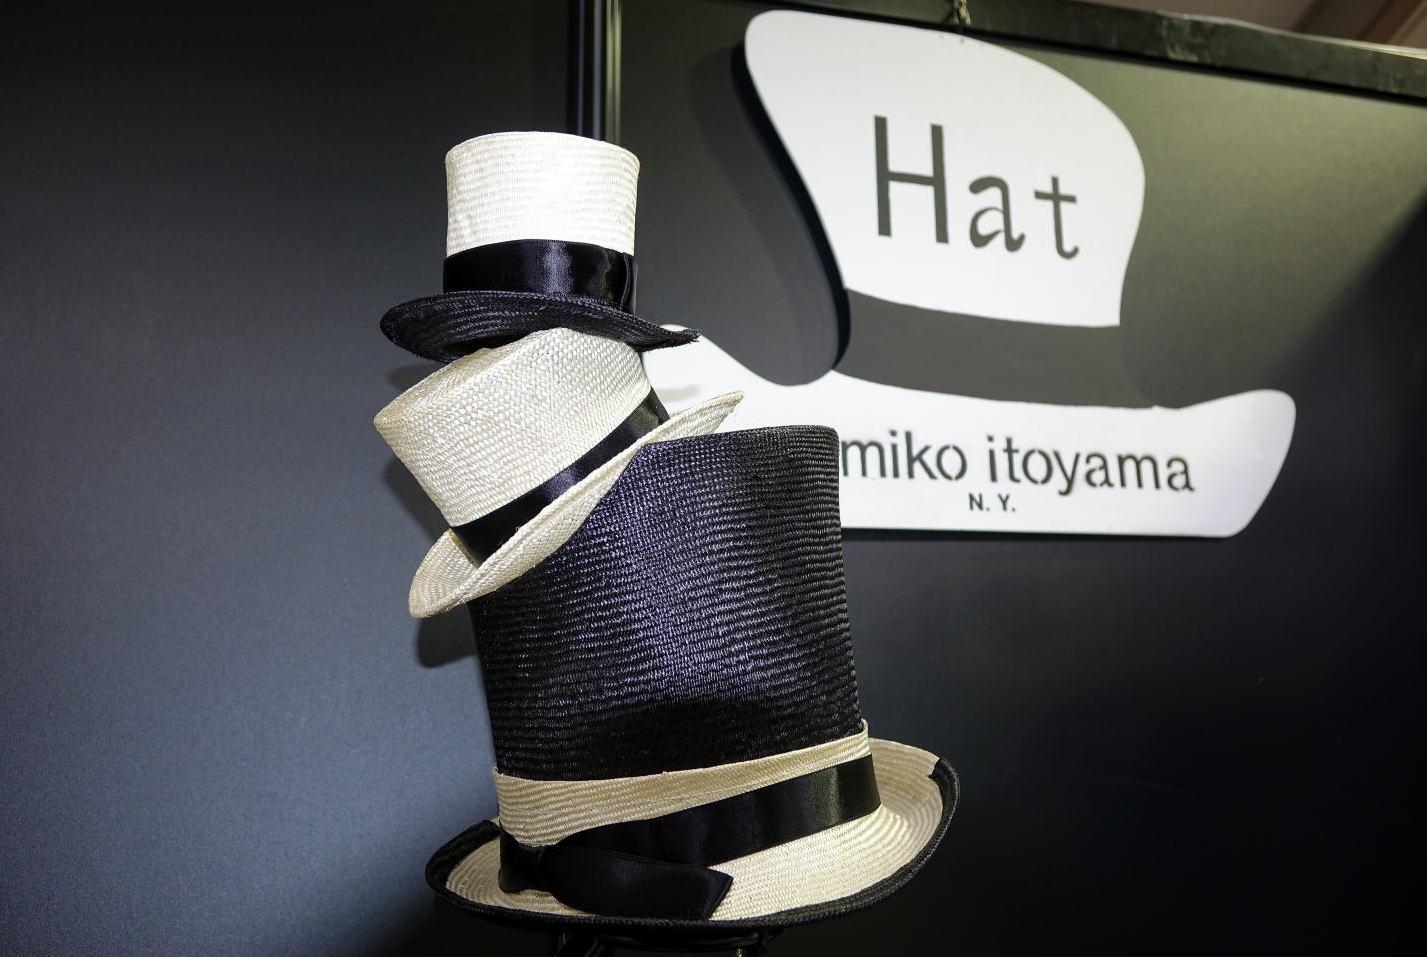 3段シルクハットとユミコイトヤマの帽子型看板